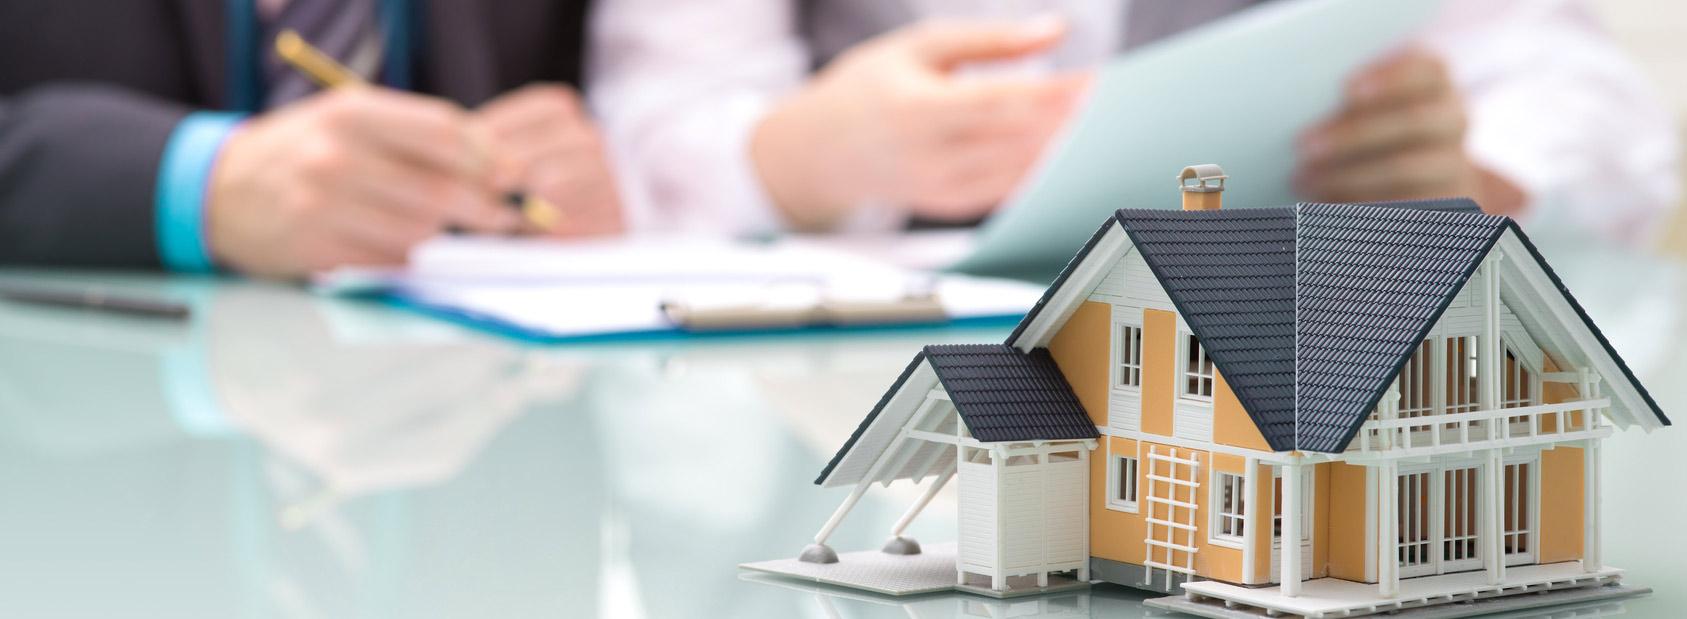 Acheter une maison: comment procéder?